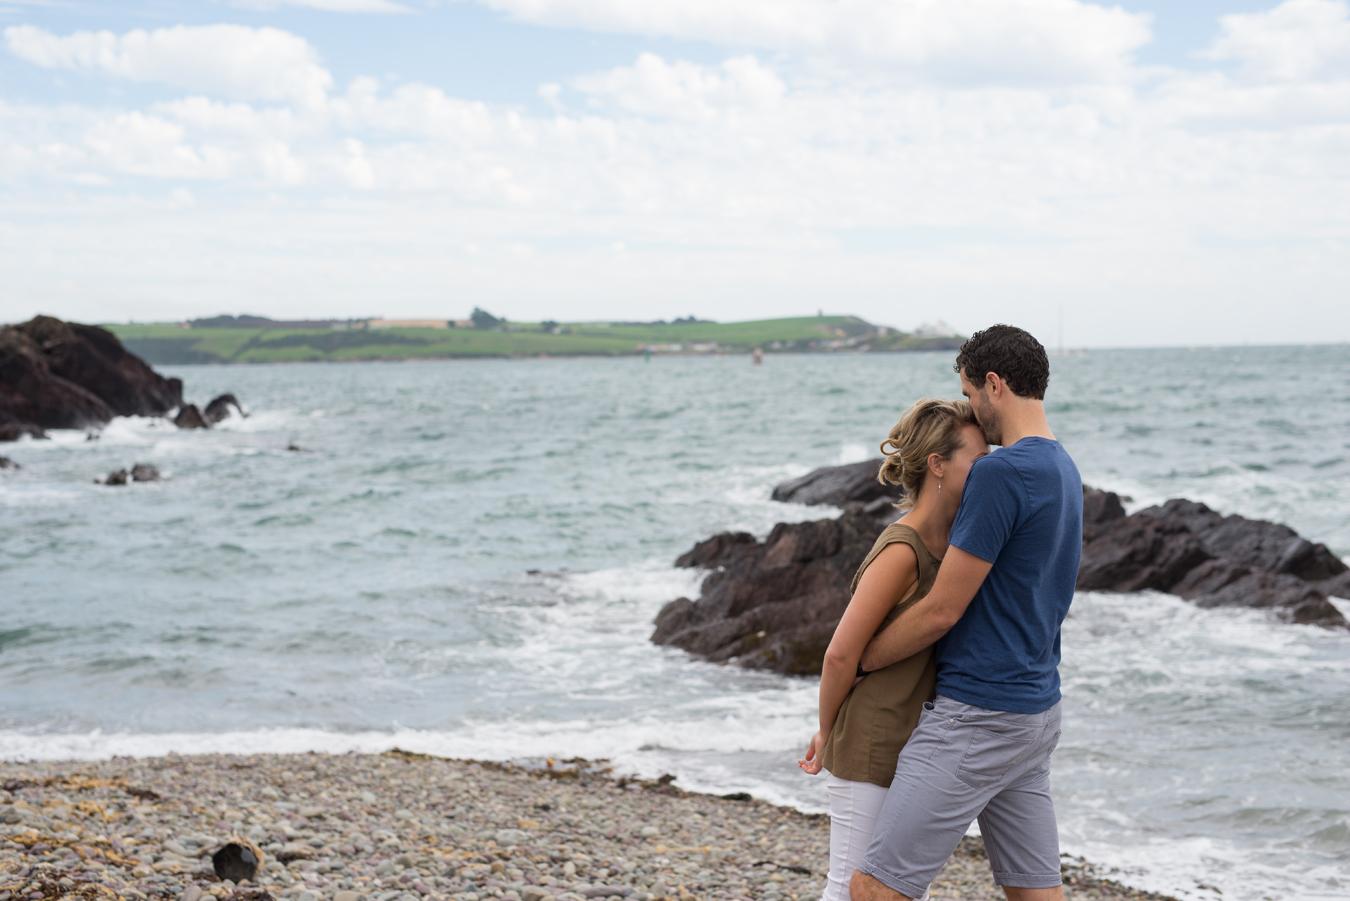 007-kärleksfotografering-uppsala-neas-fotografi.jpg